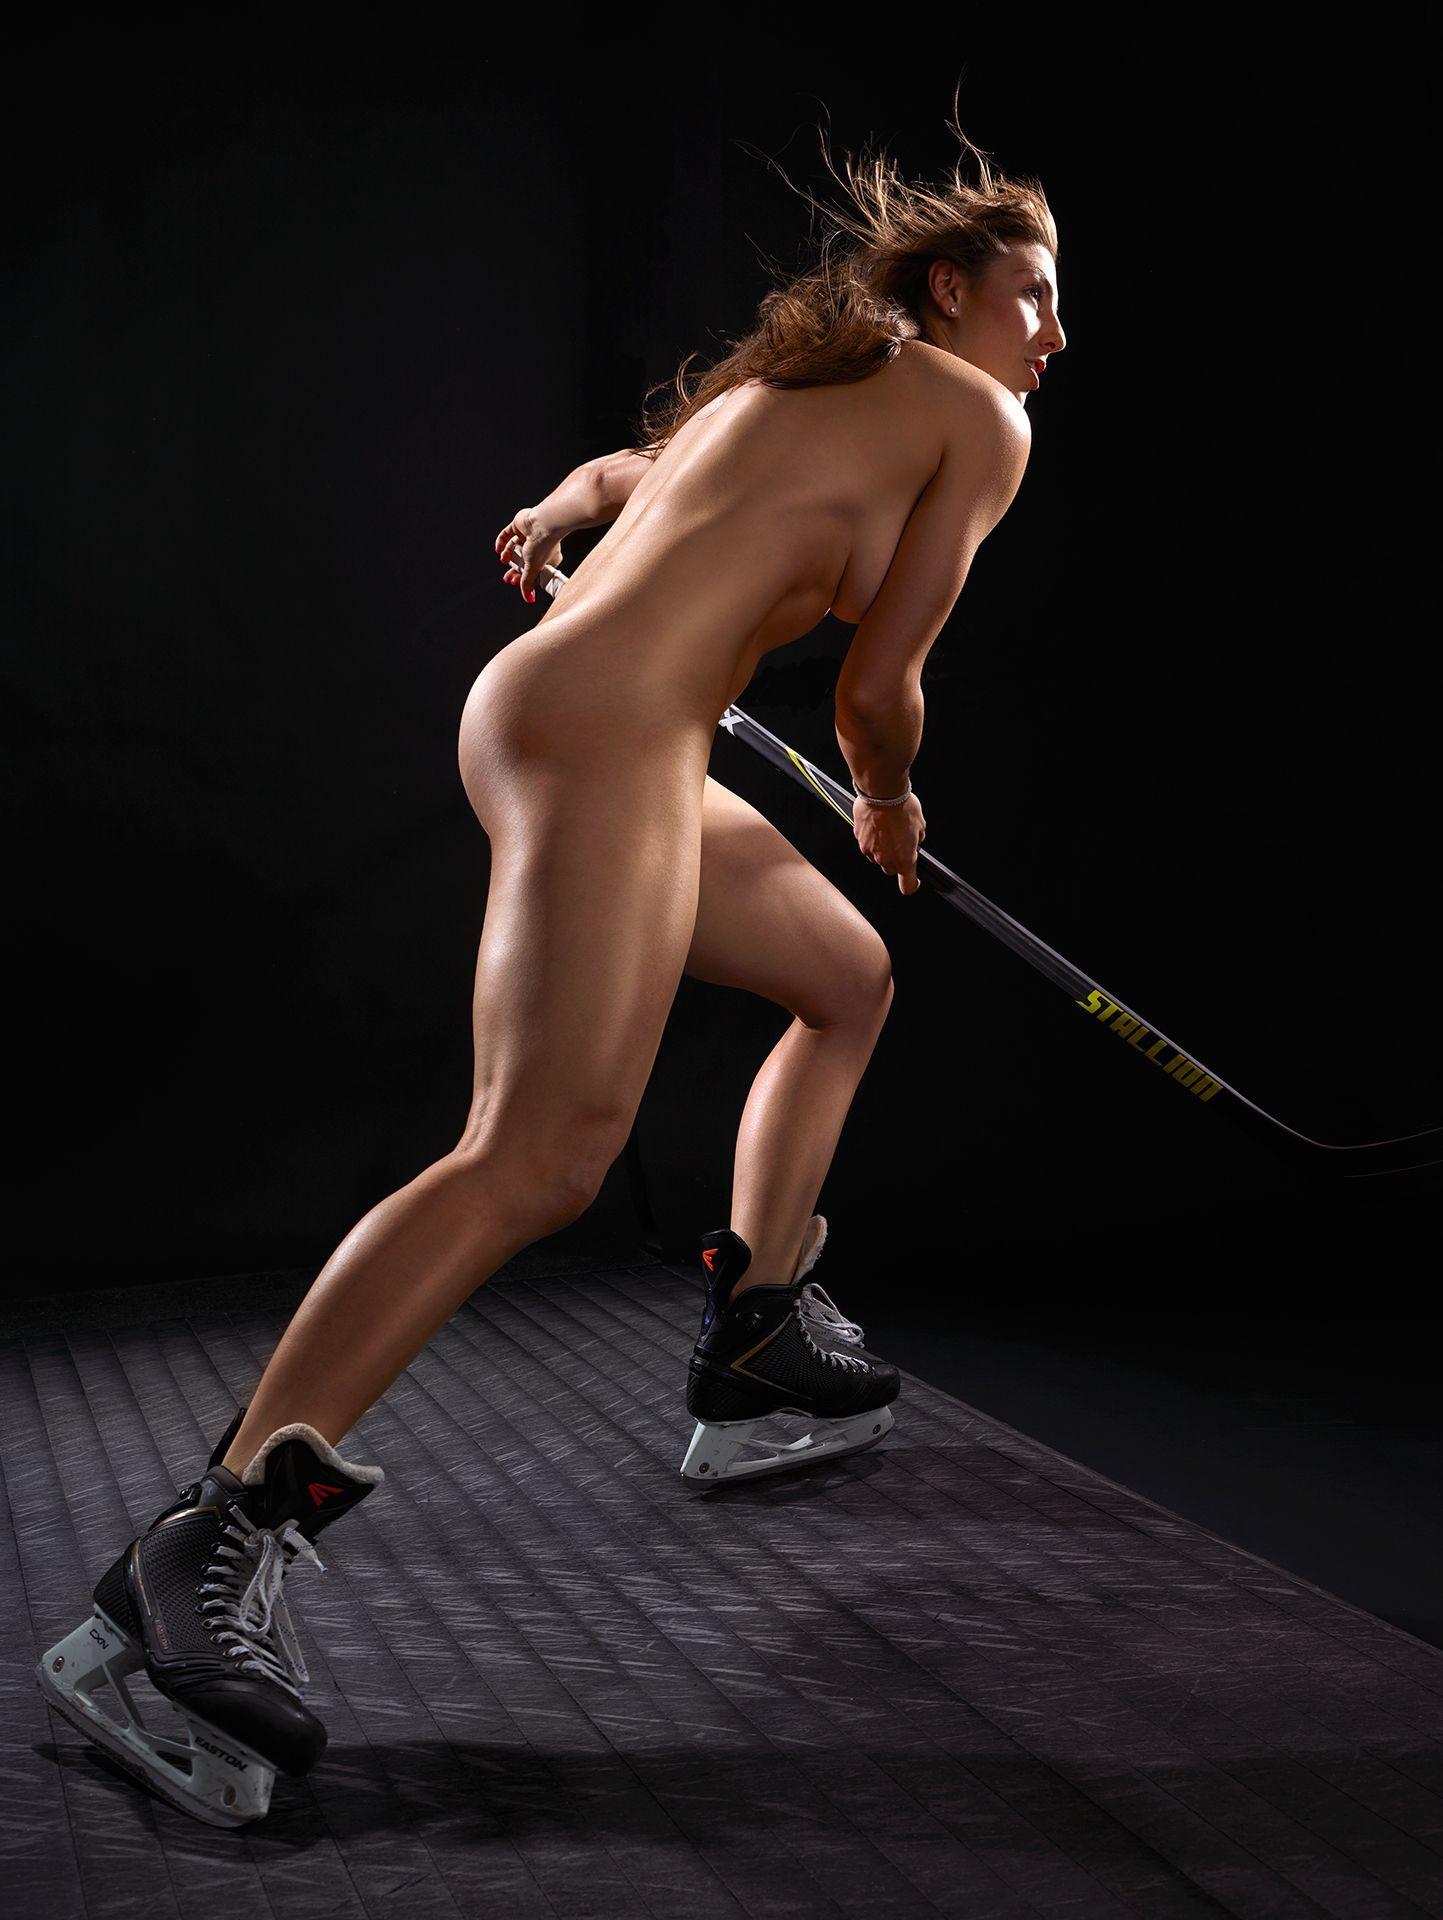 Голые спортсменки фото смотреть, голая жопастая красотка в мини юбке